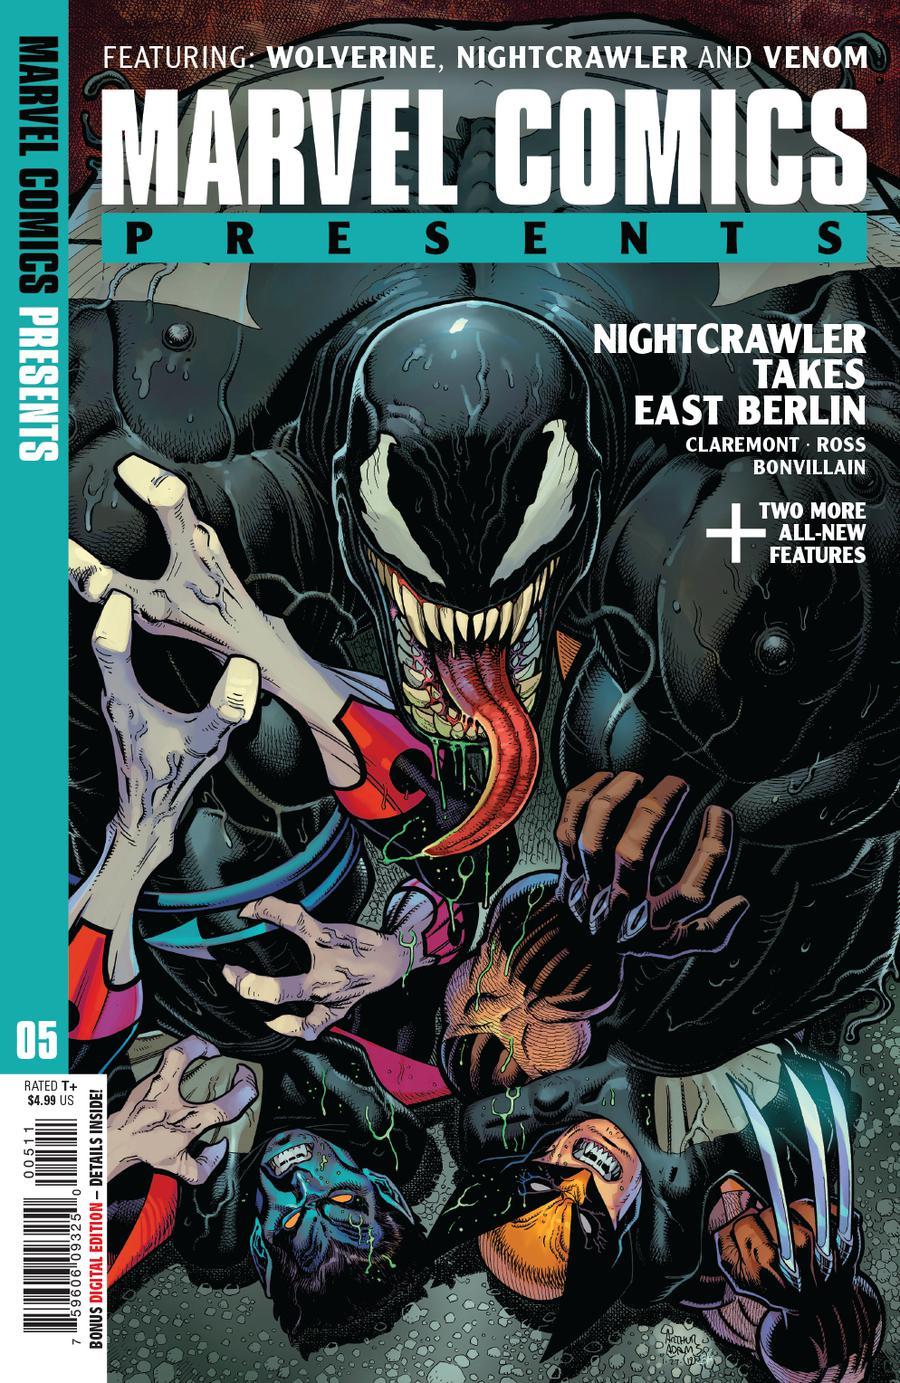 Marvel Comics Presents Vol 3 #5 Cover A Regular Arthur Adams Cover